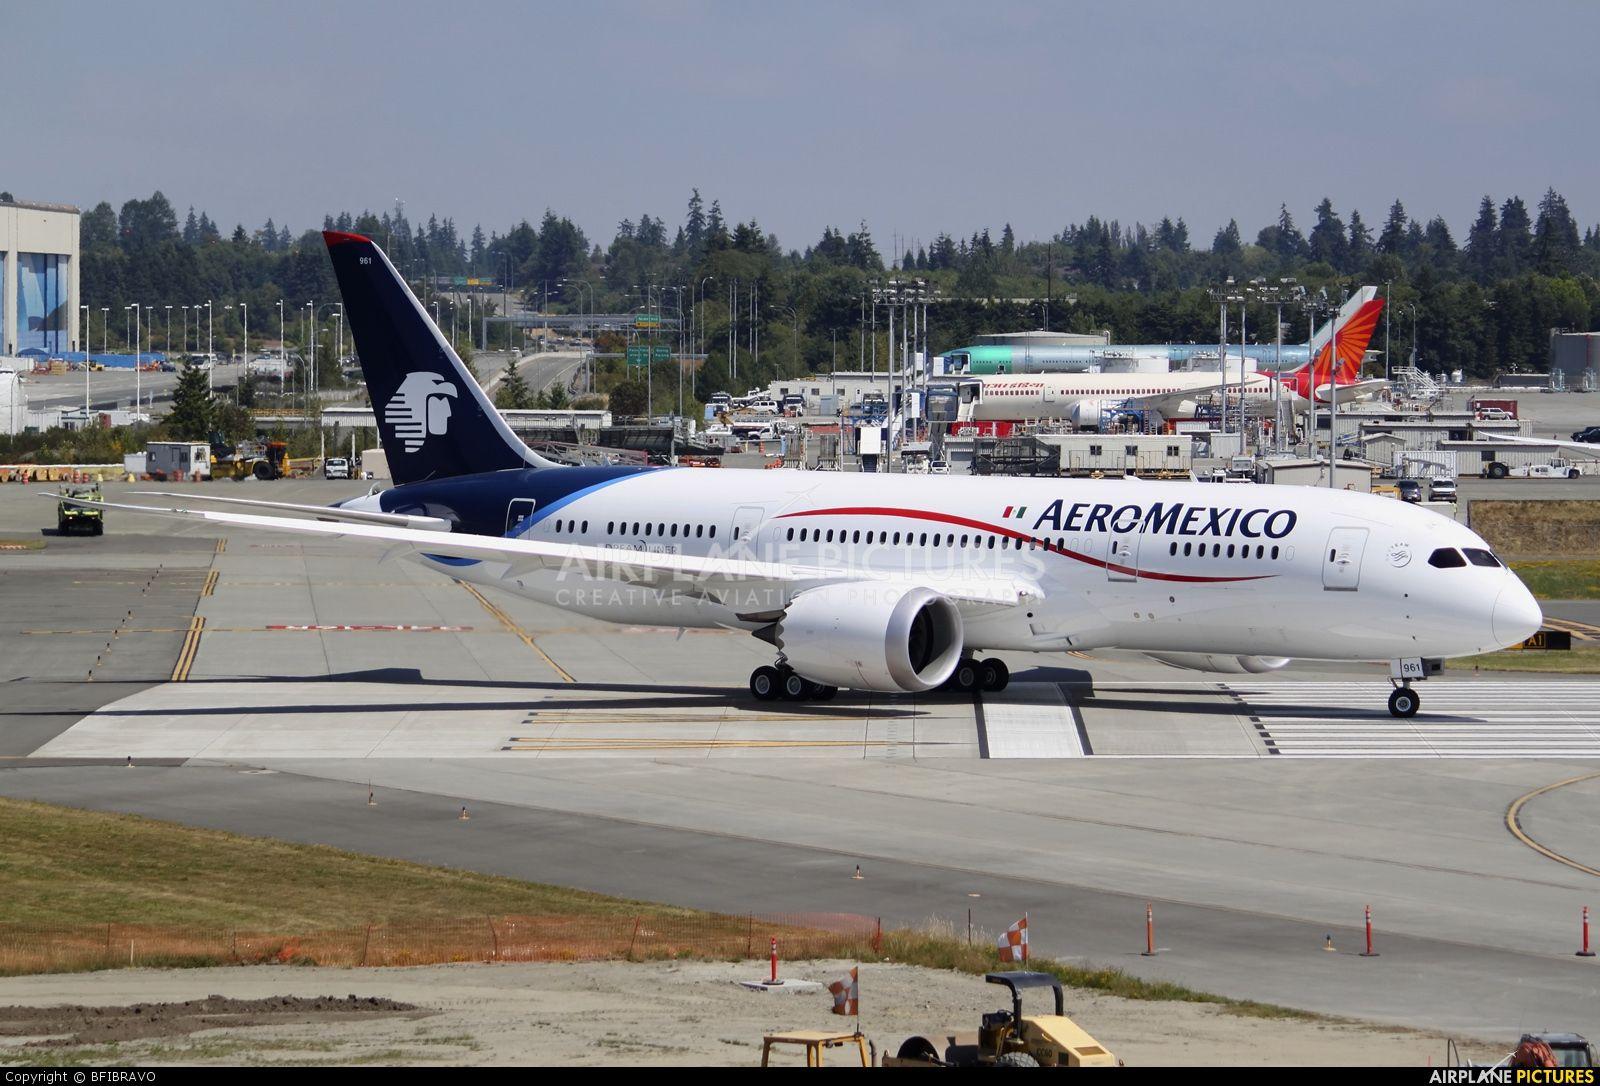 Aeromexico boeing 787 aeromexico pinterest for Interior 787 aeromexico